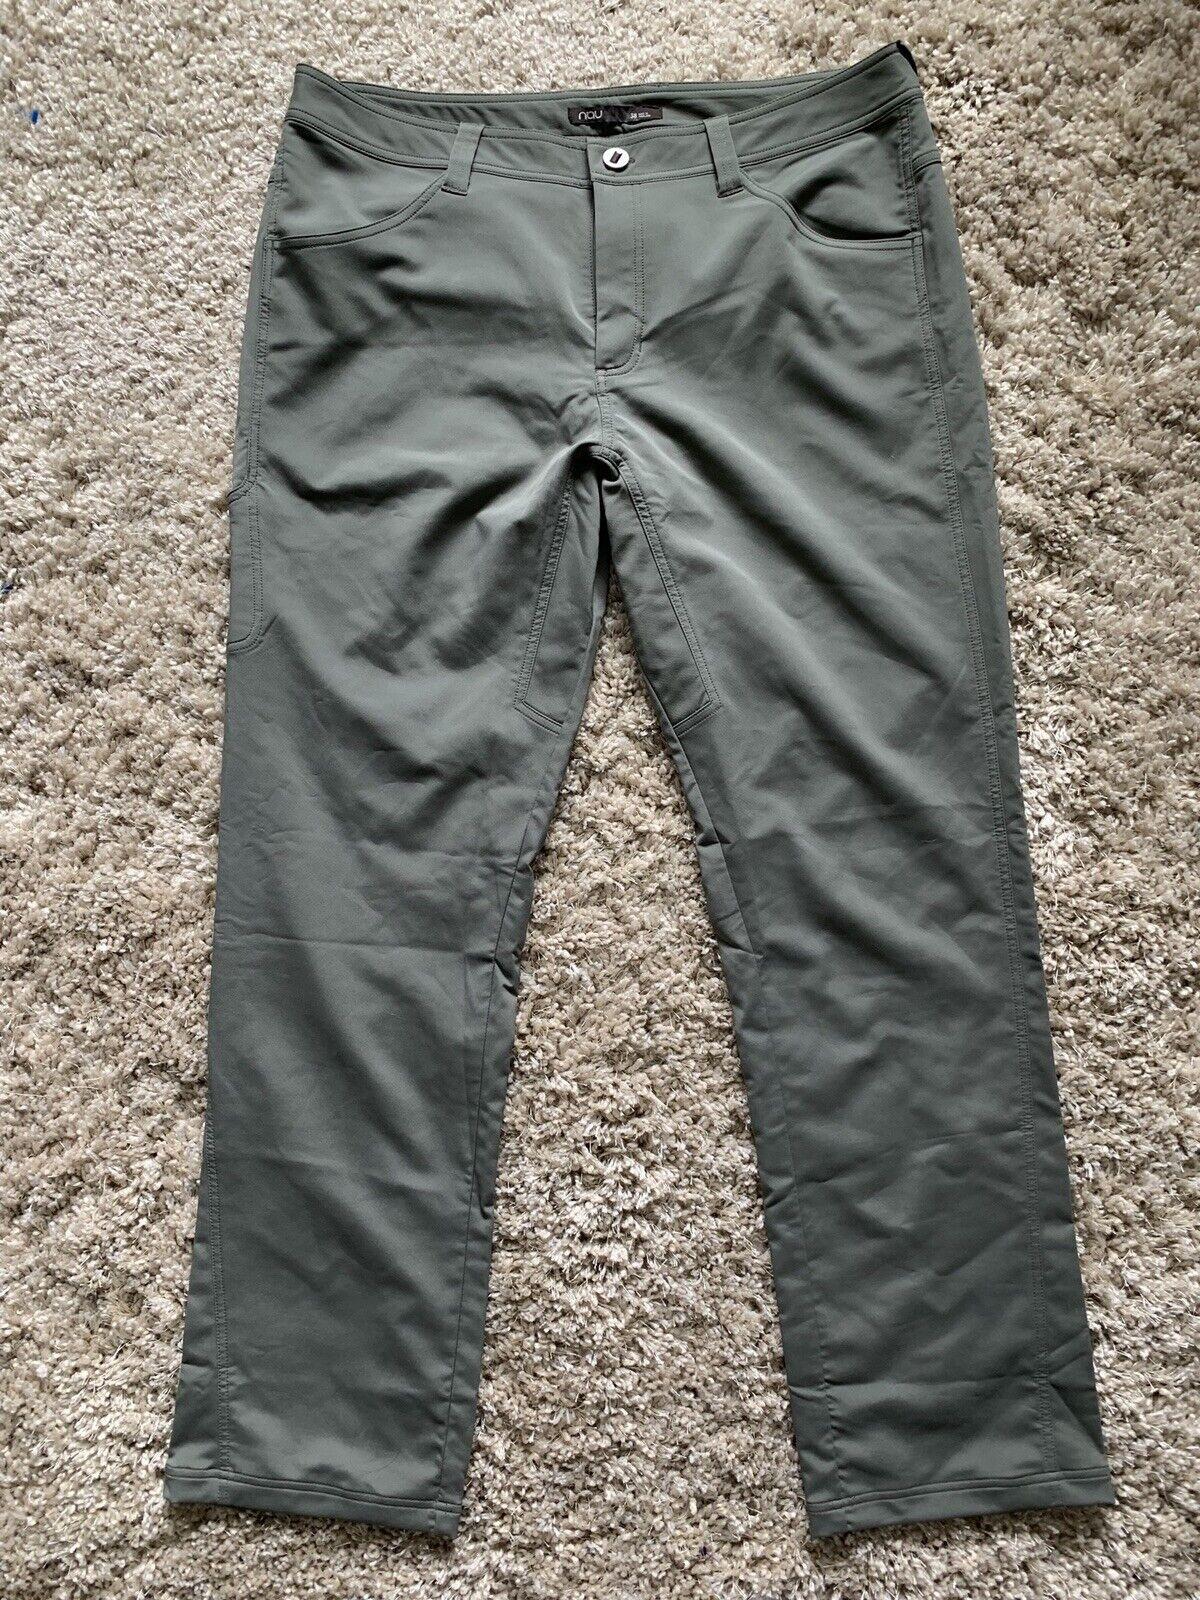 Nau Pantalones  Talla 38 para Hombre Pantalón Cochego Utilidad Stretch  nueva marca